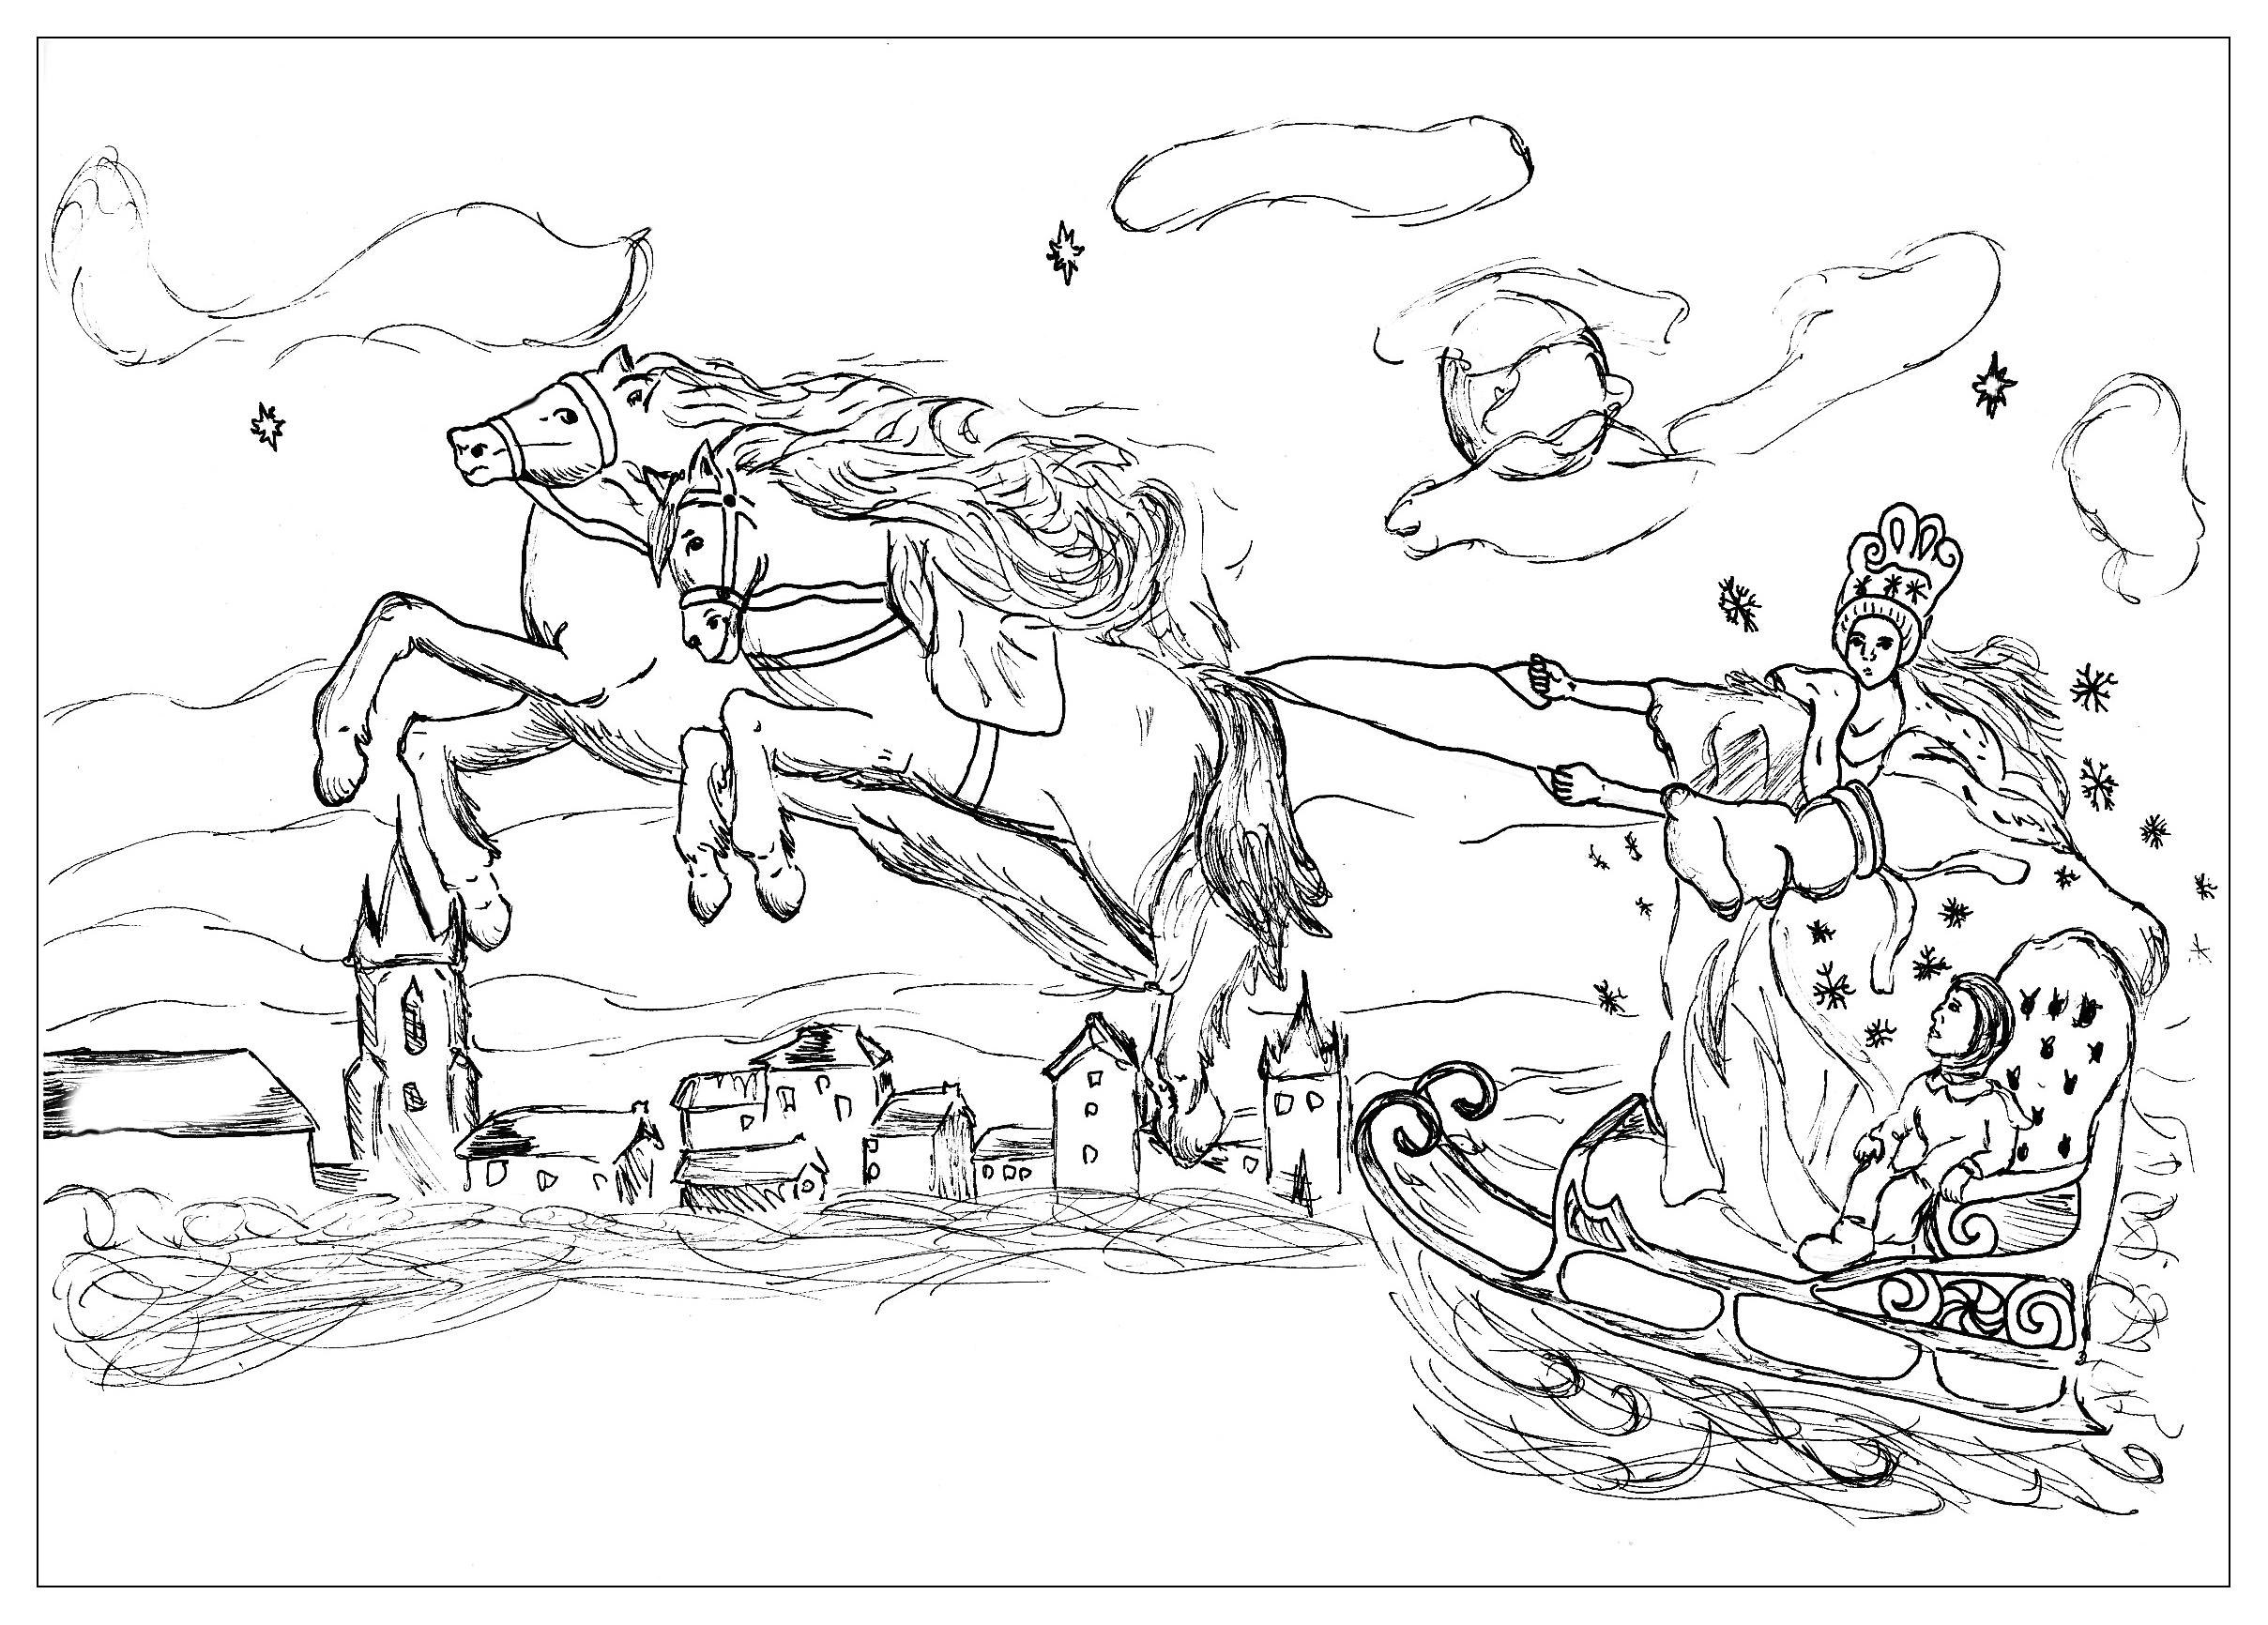 Voici un coloriage sur le compte original d'Andersen 'La Reine des Neiges'.